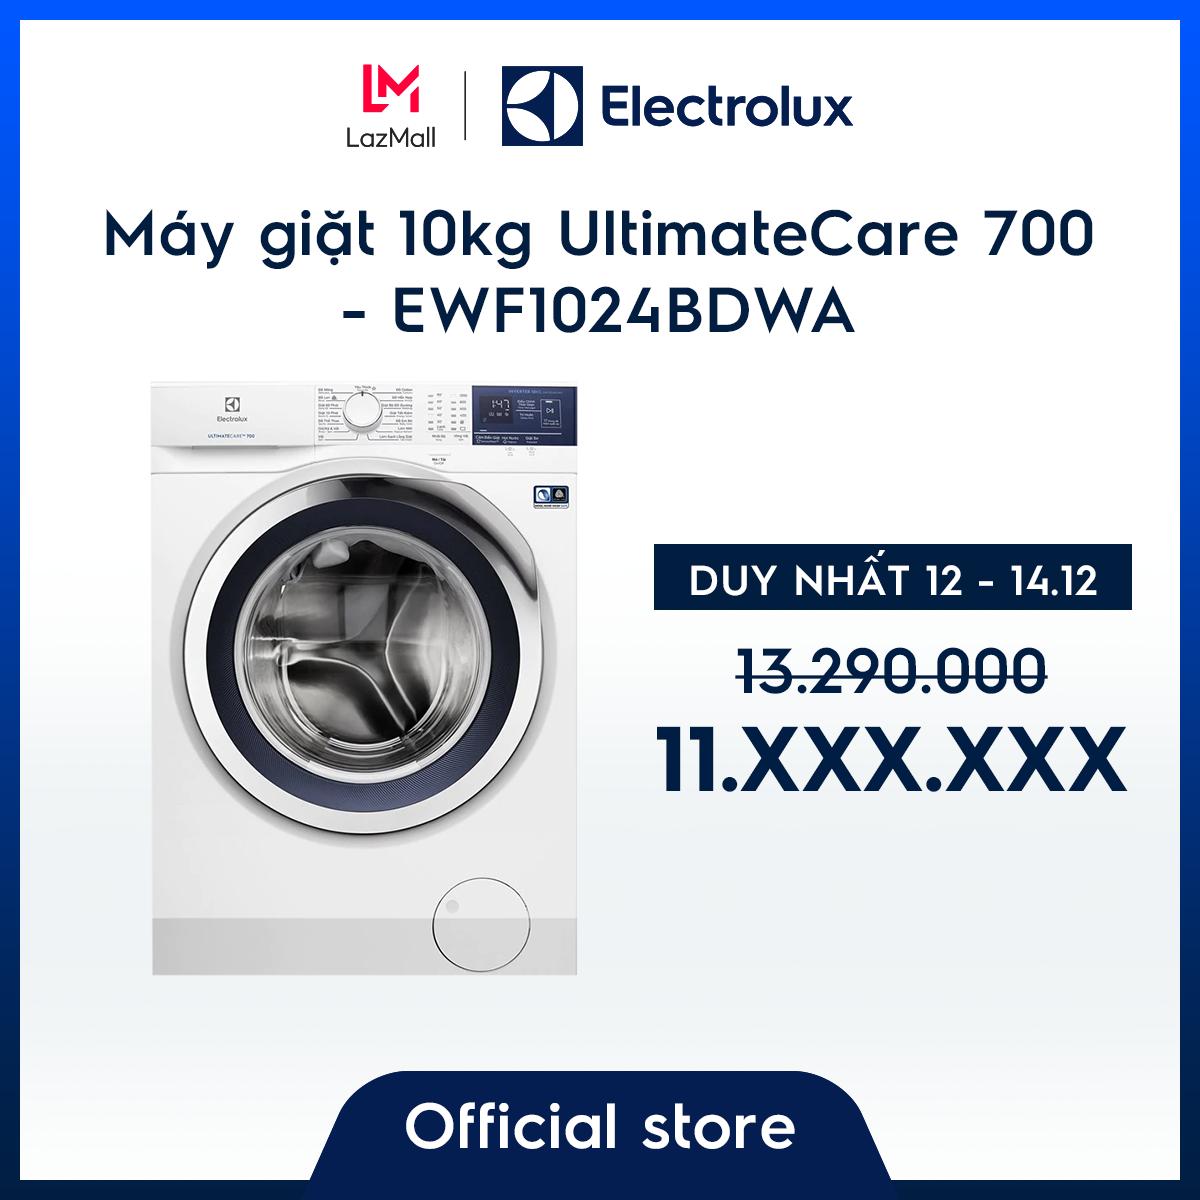 [Miễn phí Công Lắp đặt – Giao hàng HCM & HN] Máy giặt 10kg EWF1024BDWA – Công nghệ Sensorwash- Tiết kiệm điện 50%-Thiết kế châu Âu- Hàng chính hãng